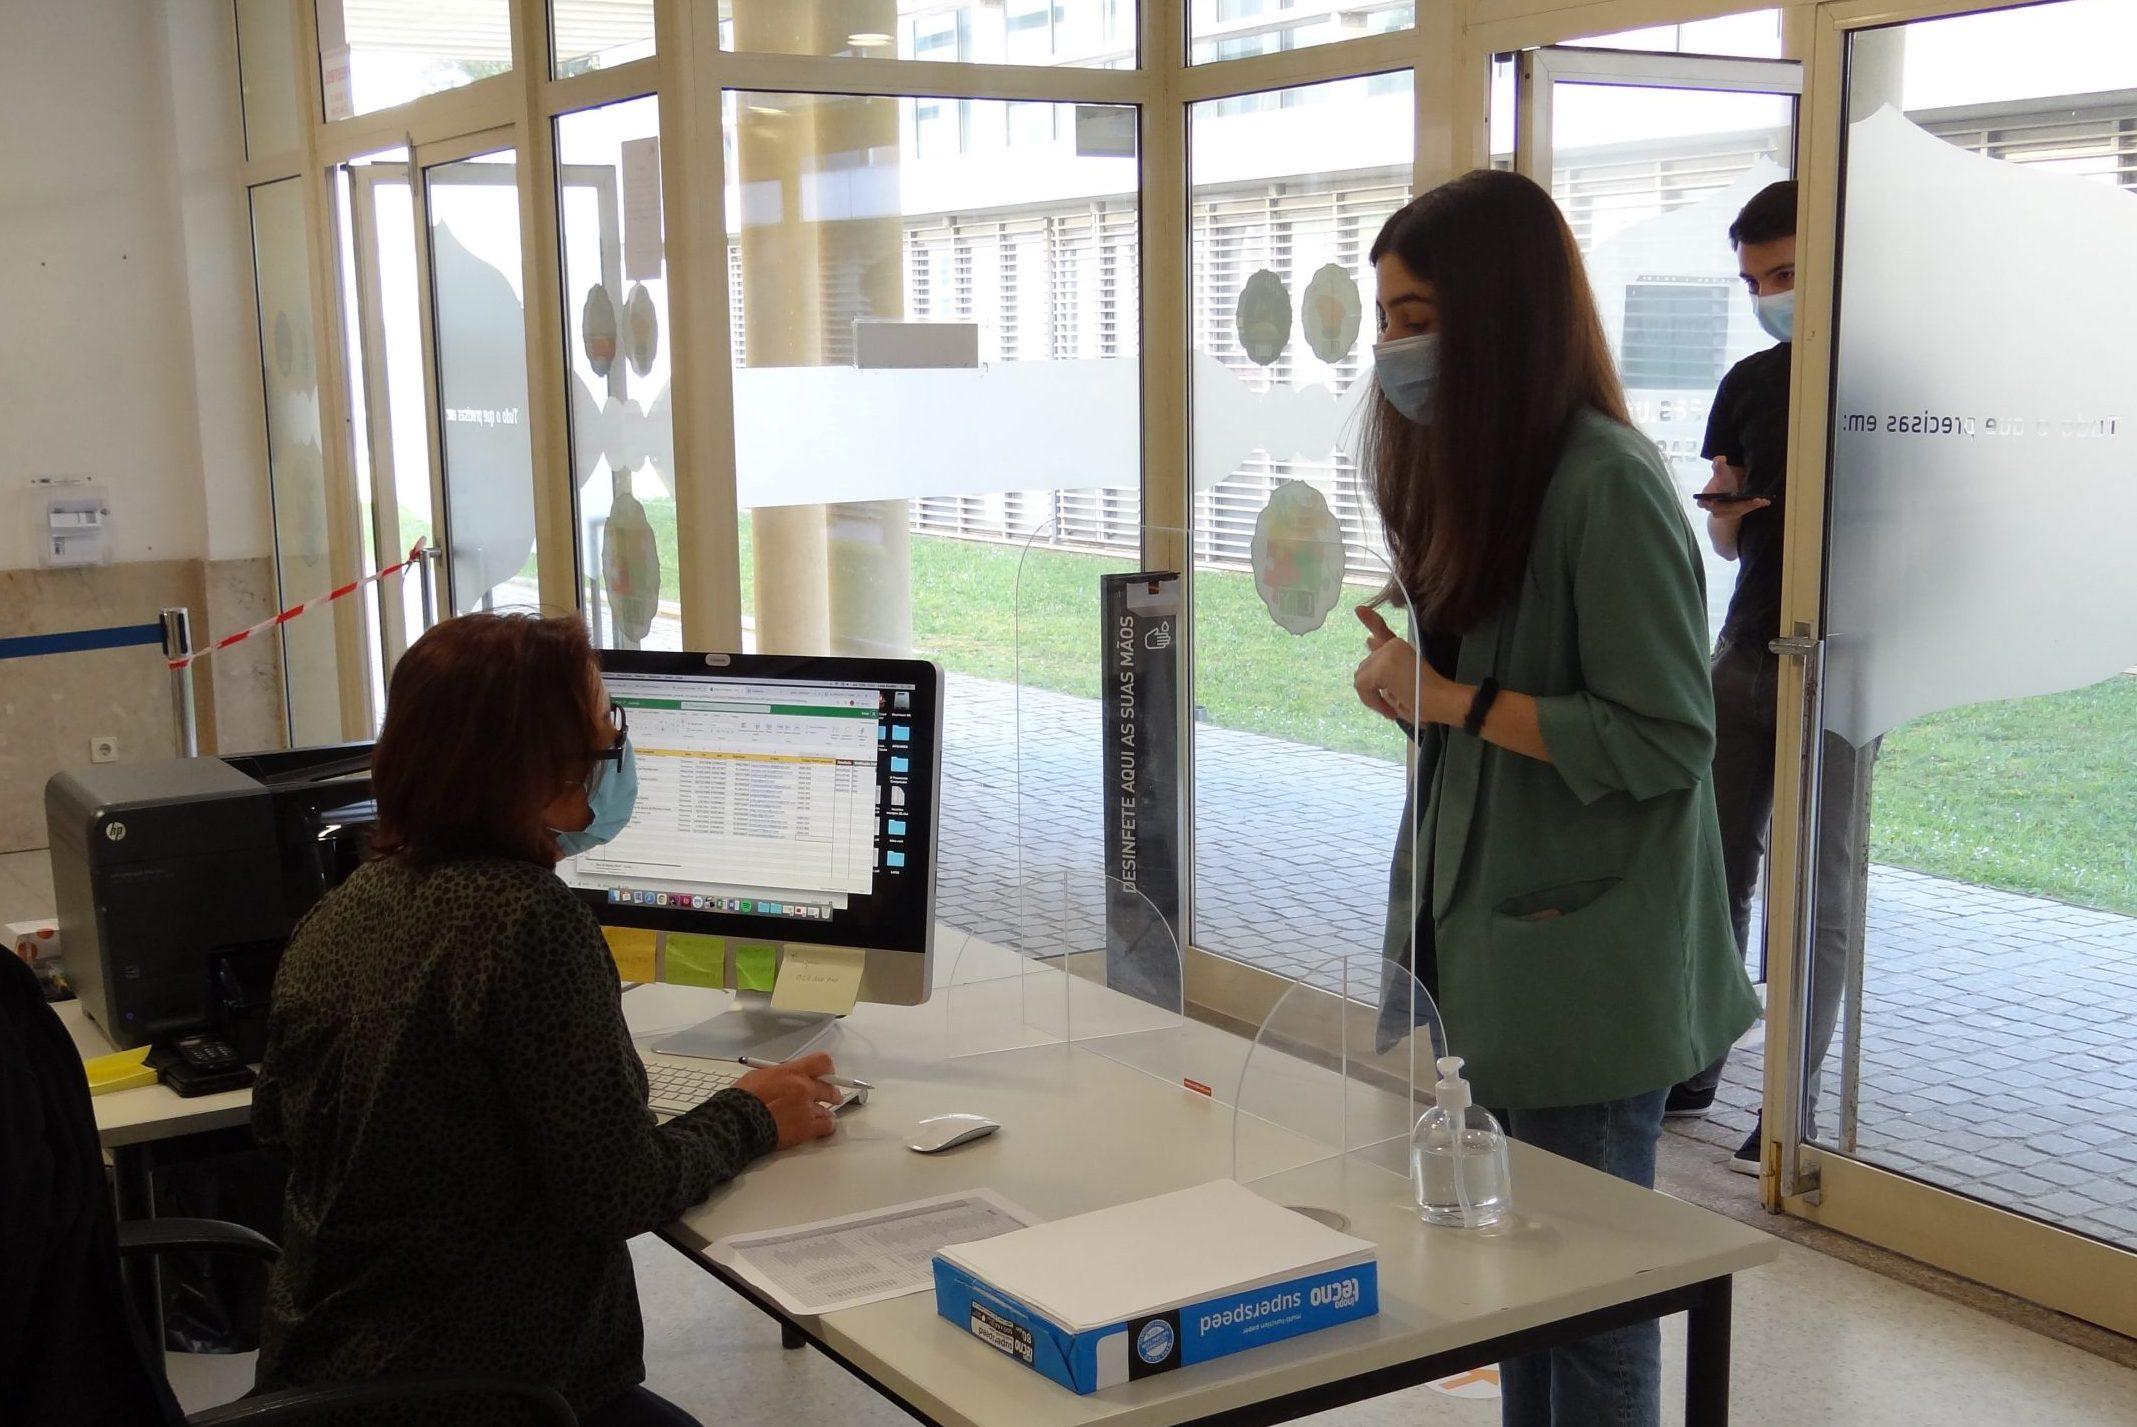 Os testes de rastreio da Universidade do Porto são gratuitos e voluntários, mediante inscrição prévia.